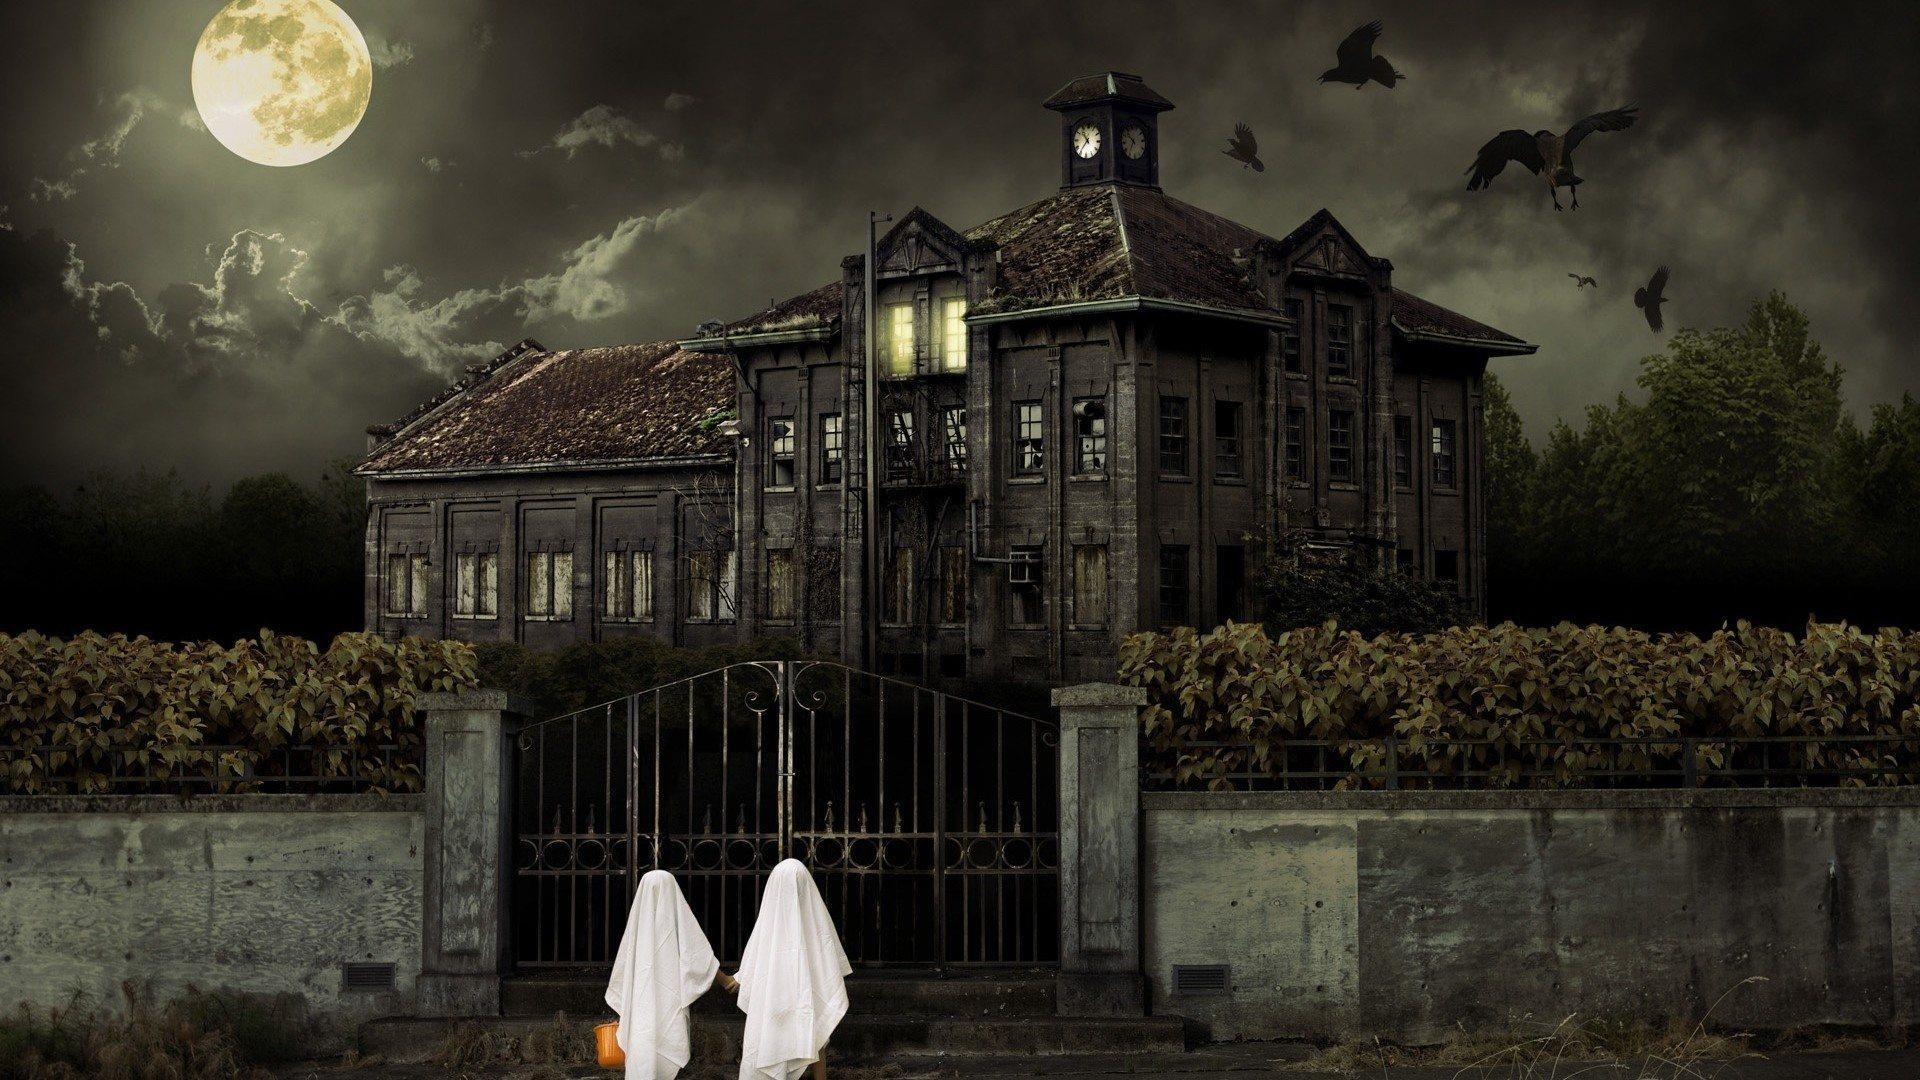 Spooky HD Wallpaper